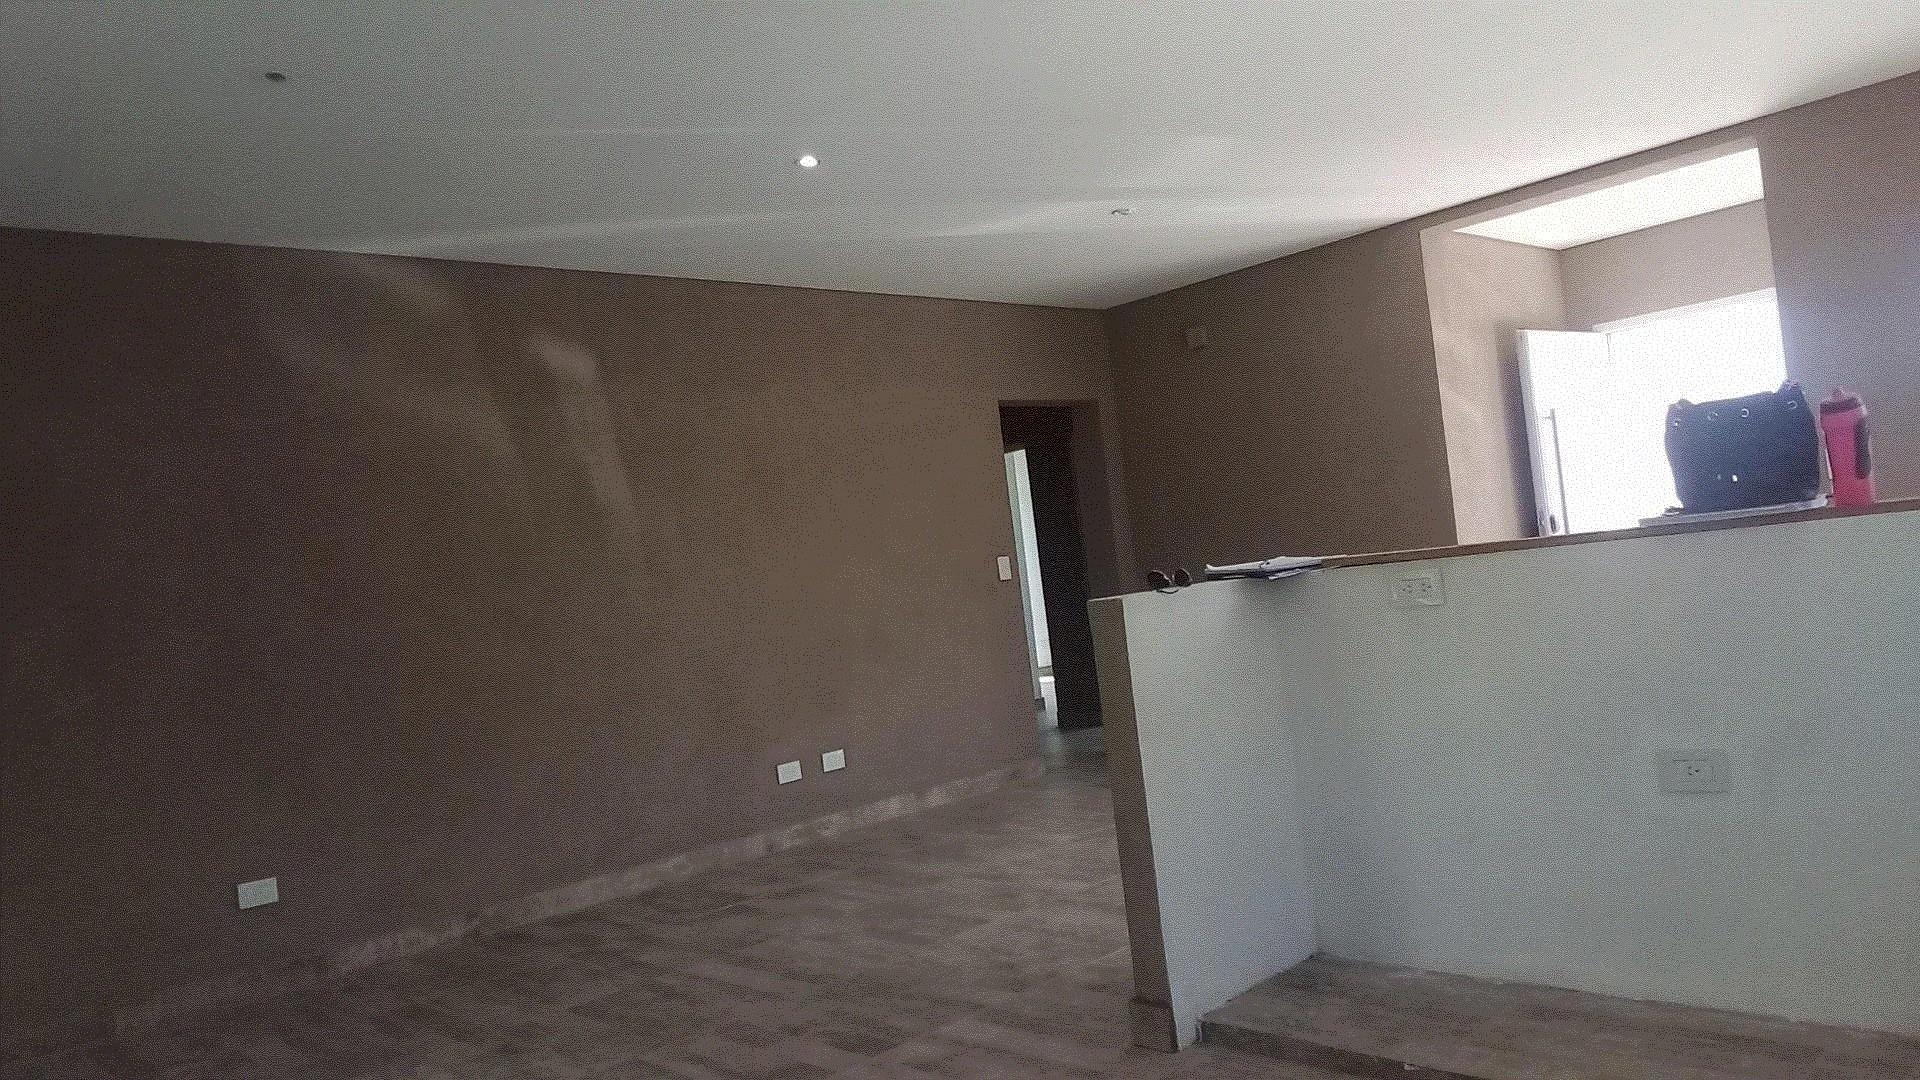 Casa - 137 m²   3 dormitorios   A estrenar